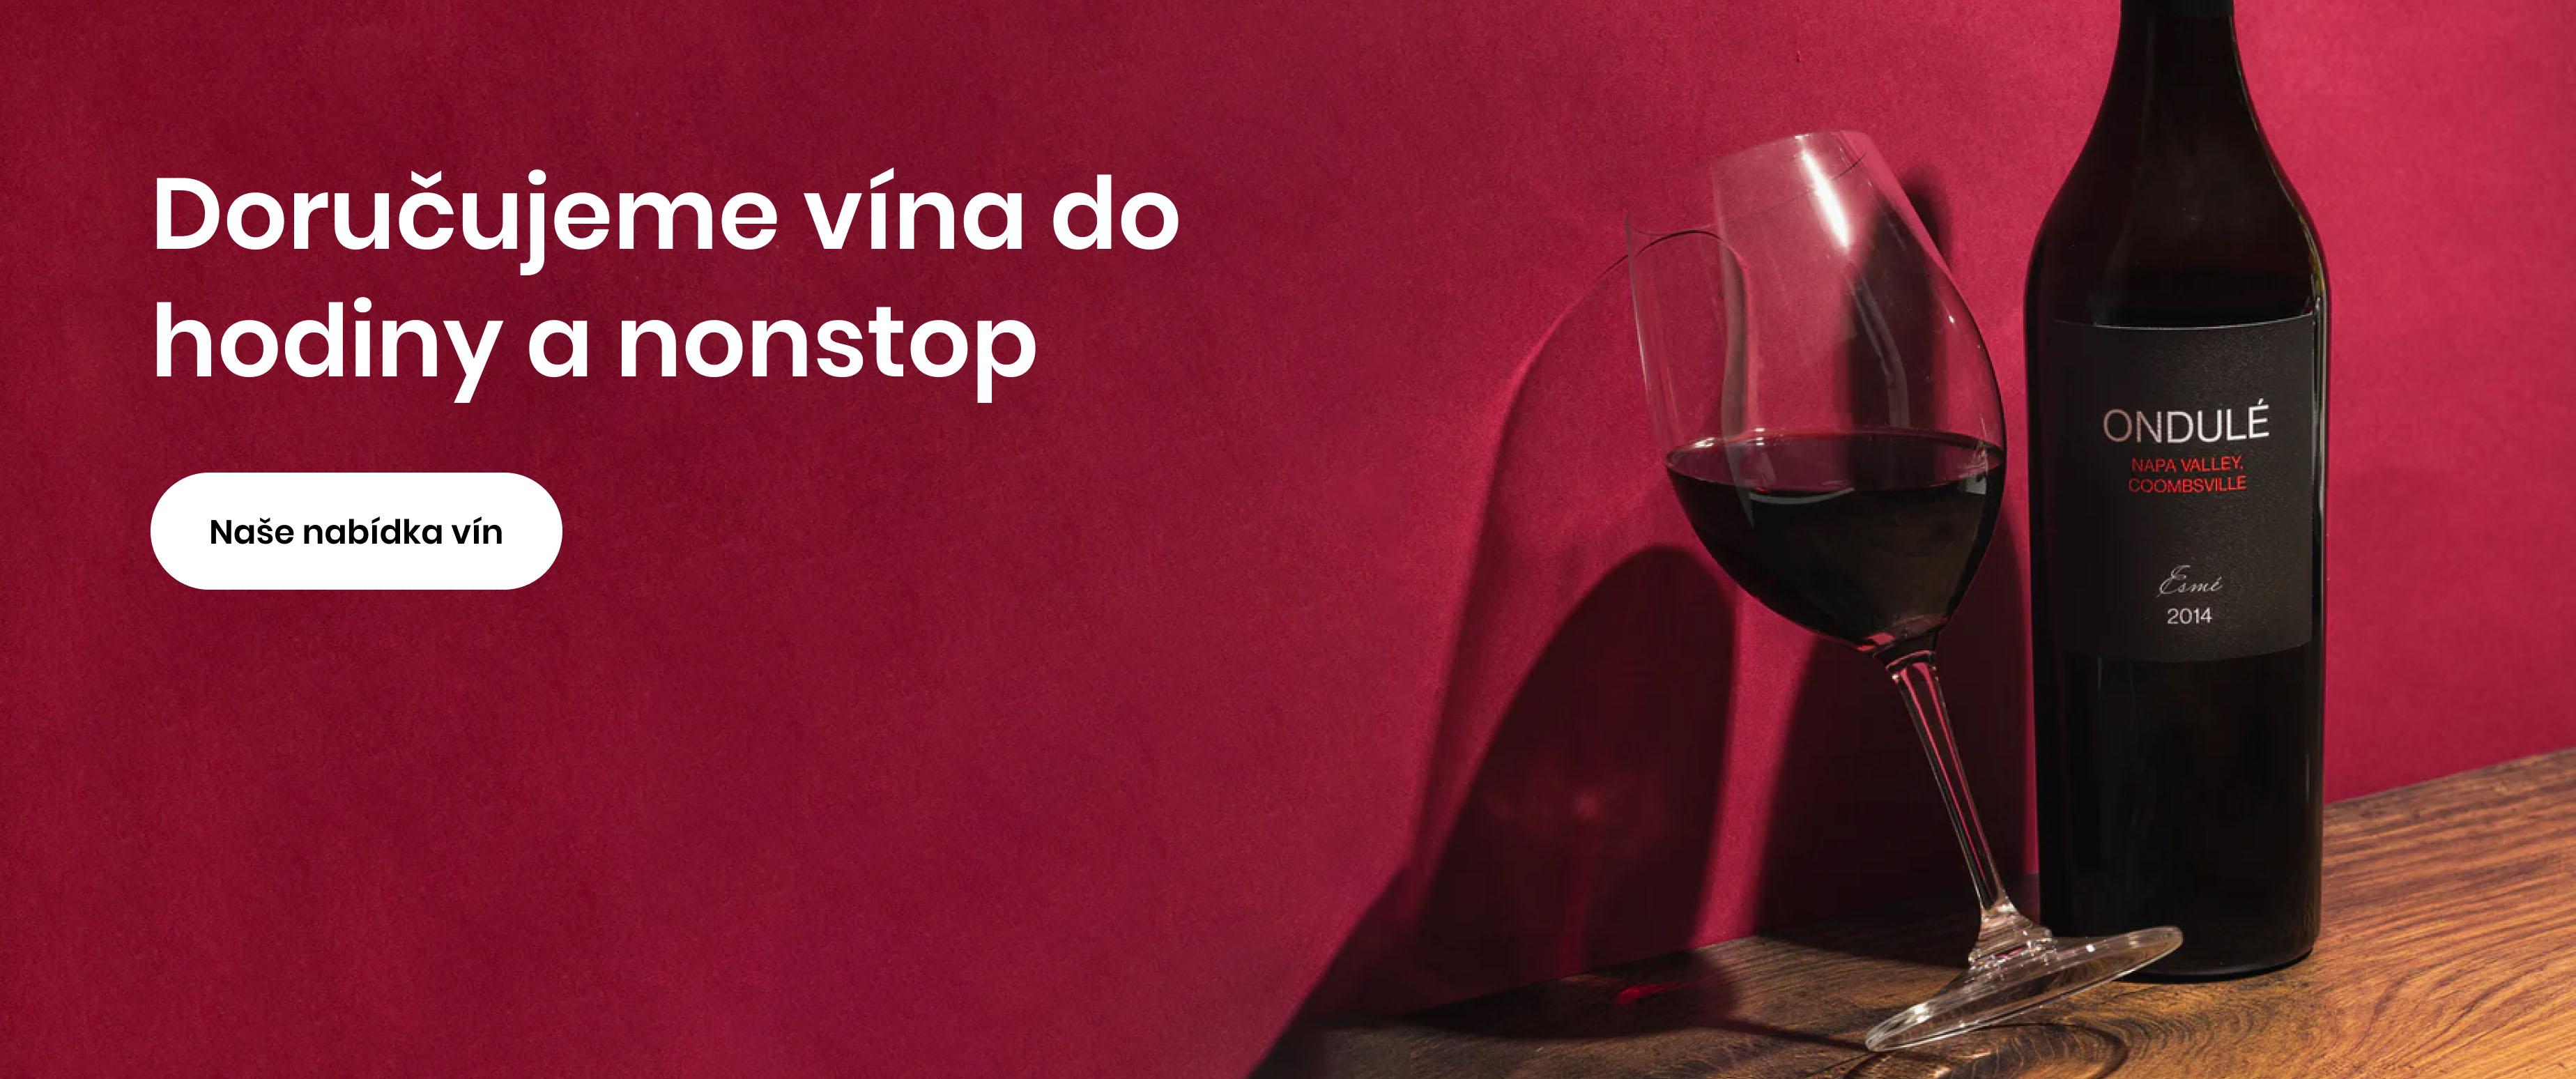 Doručujeme vína do hodiny a nonstop